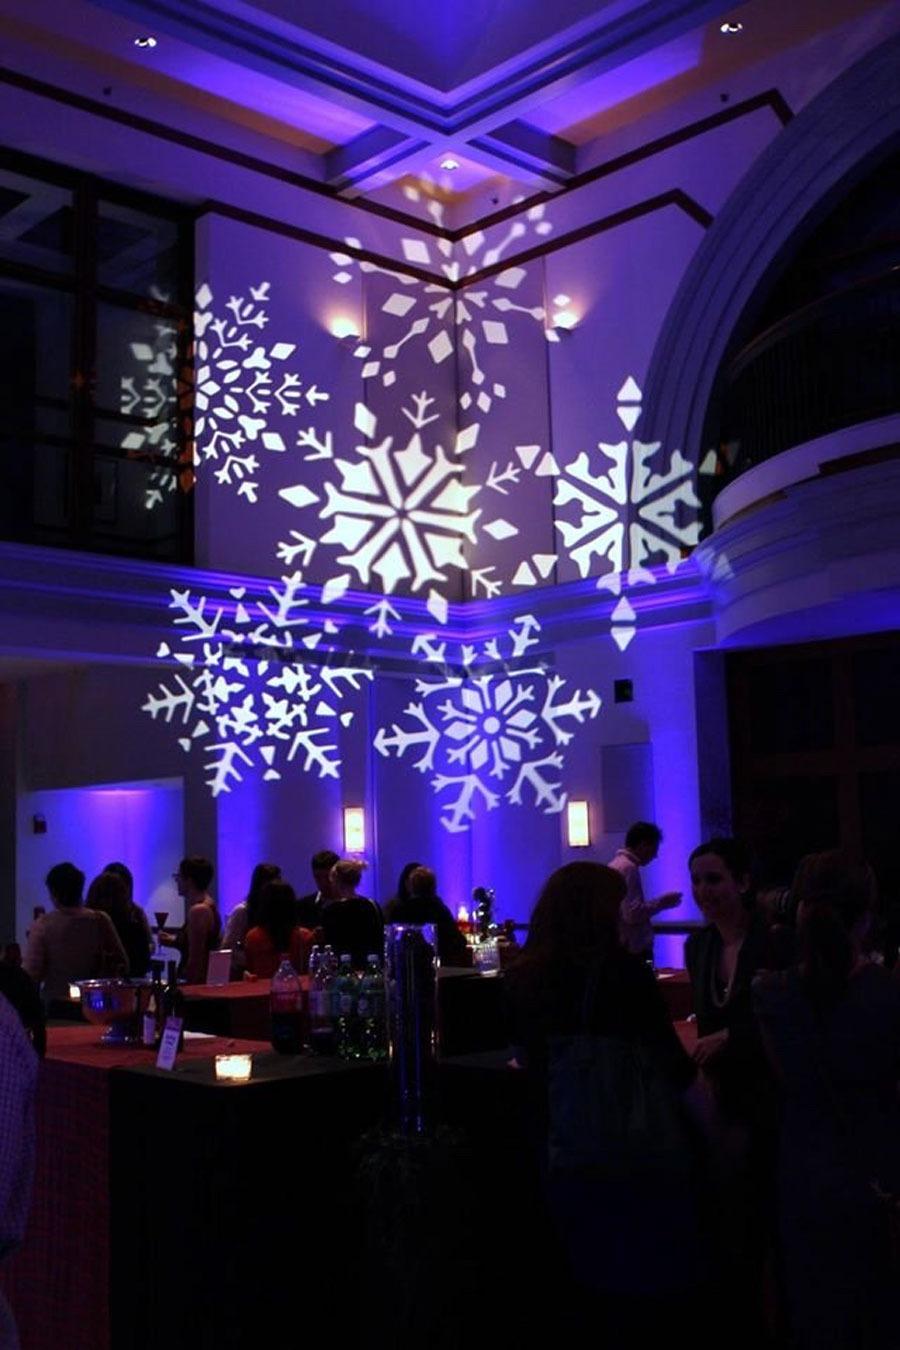 Chicago Wedding Gobo Lighting